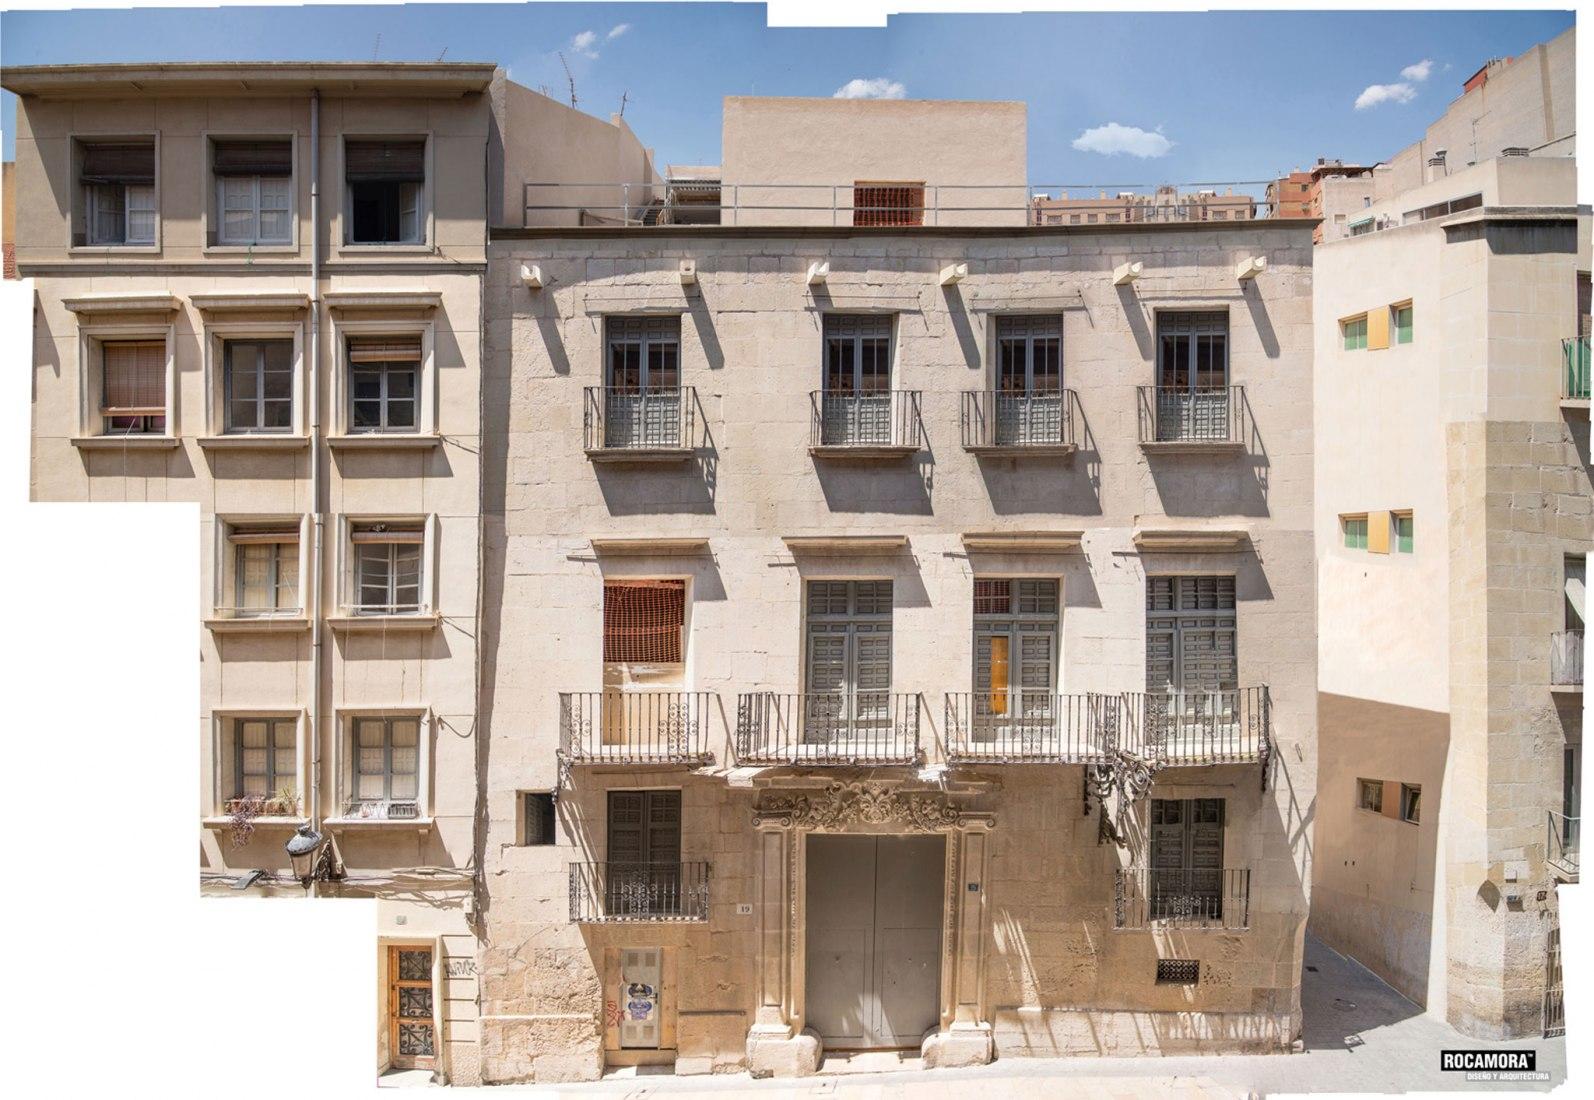 LAB15. Reforma del palacio de Portalet por Rocamora Diseño & Arquitectura. Fotografía por Cabrera.Photo.